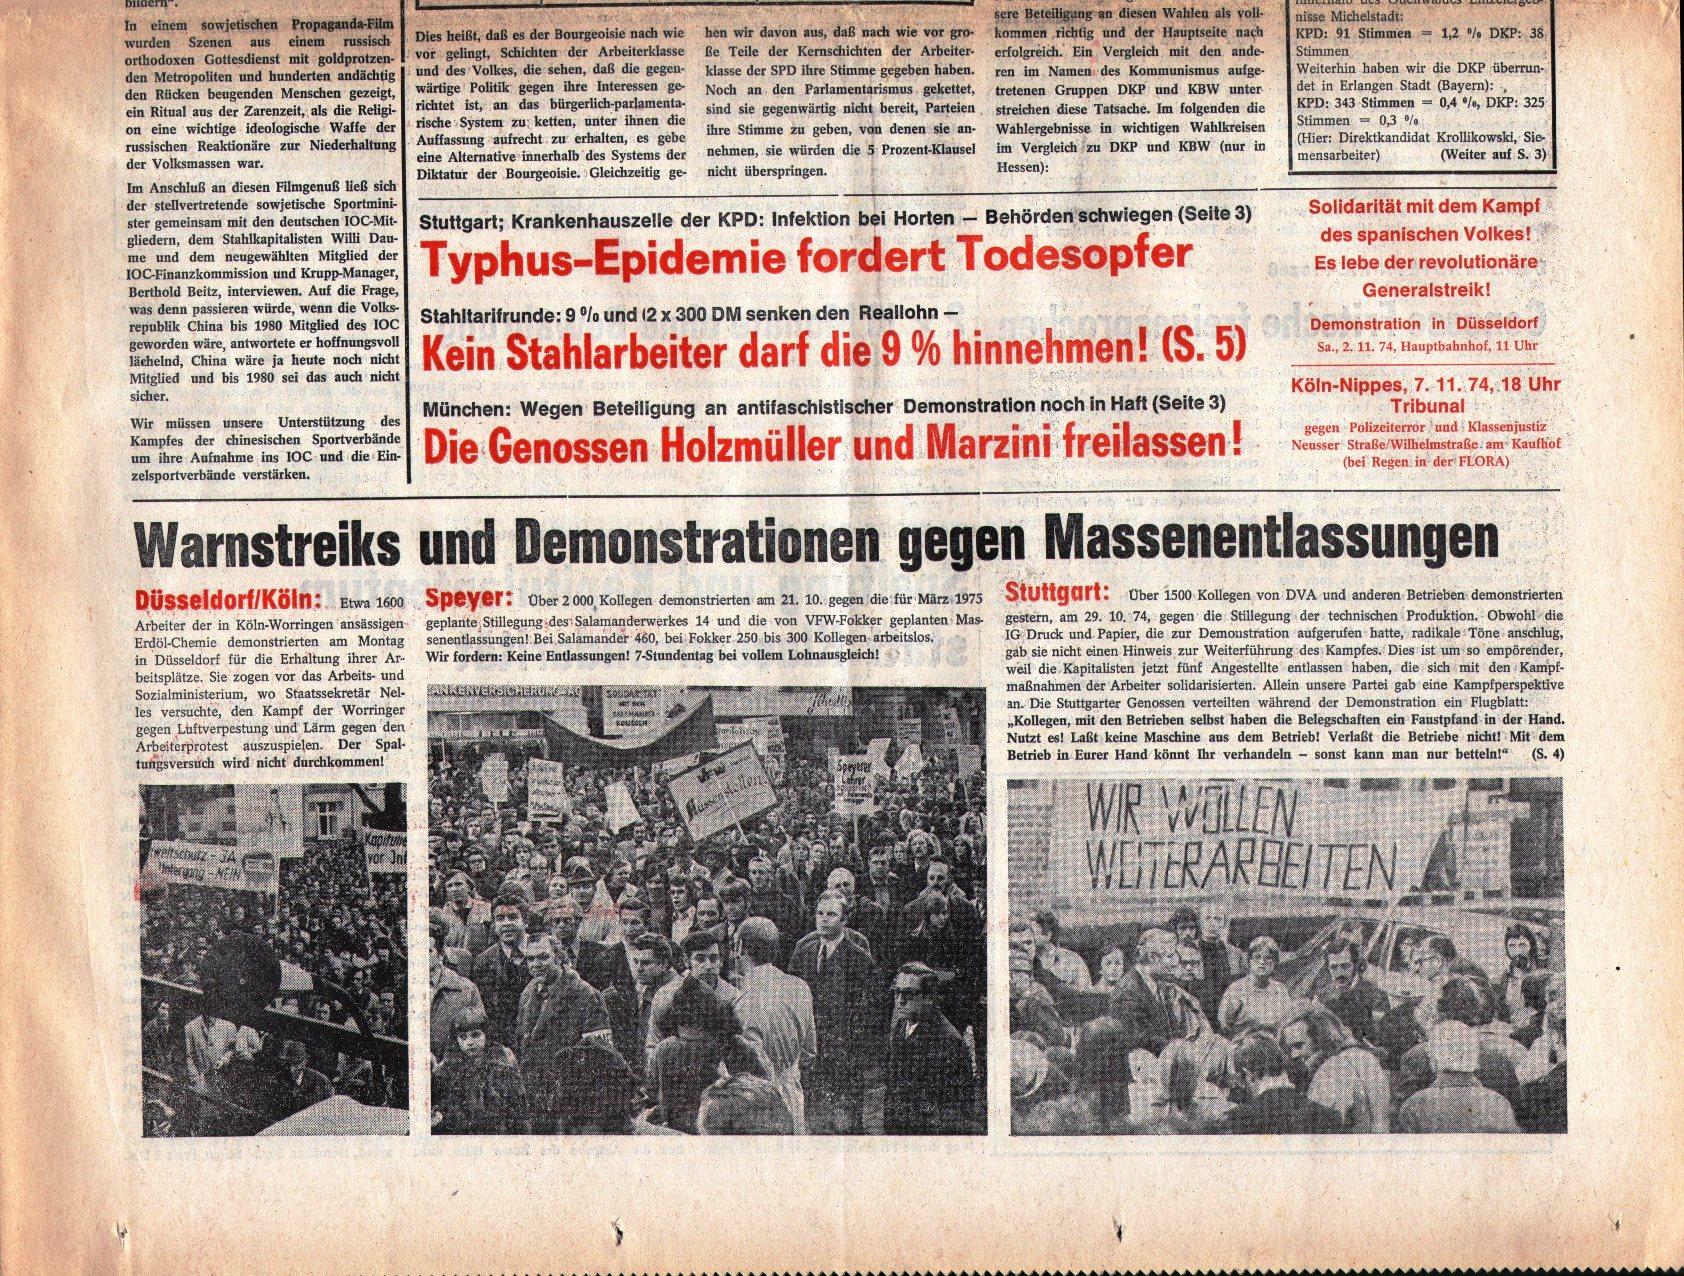 KPD_Rote_Fahne_1974_44_02